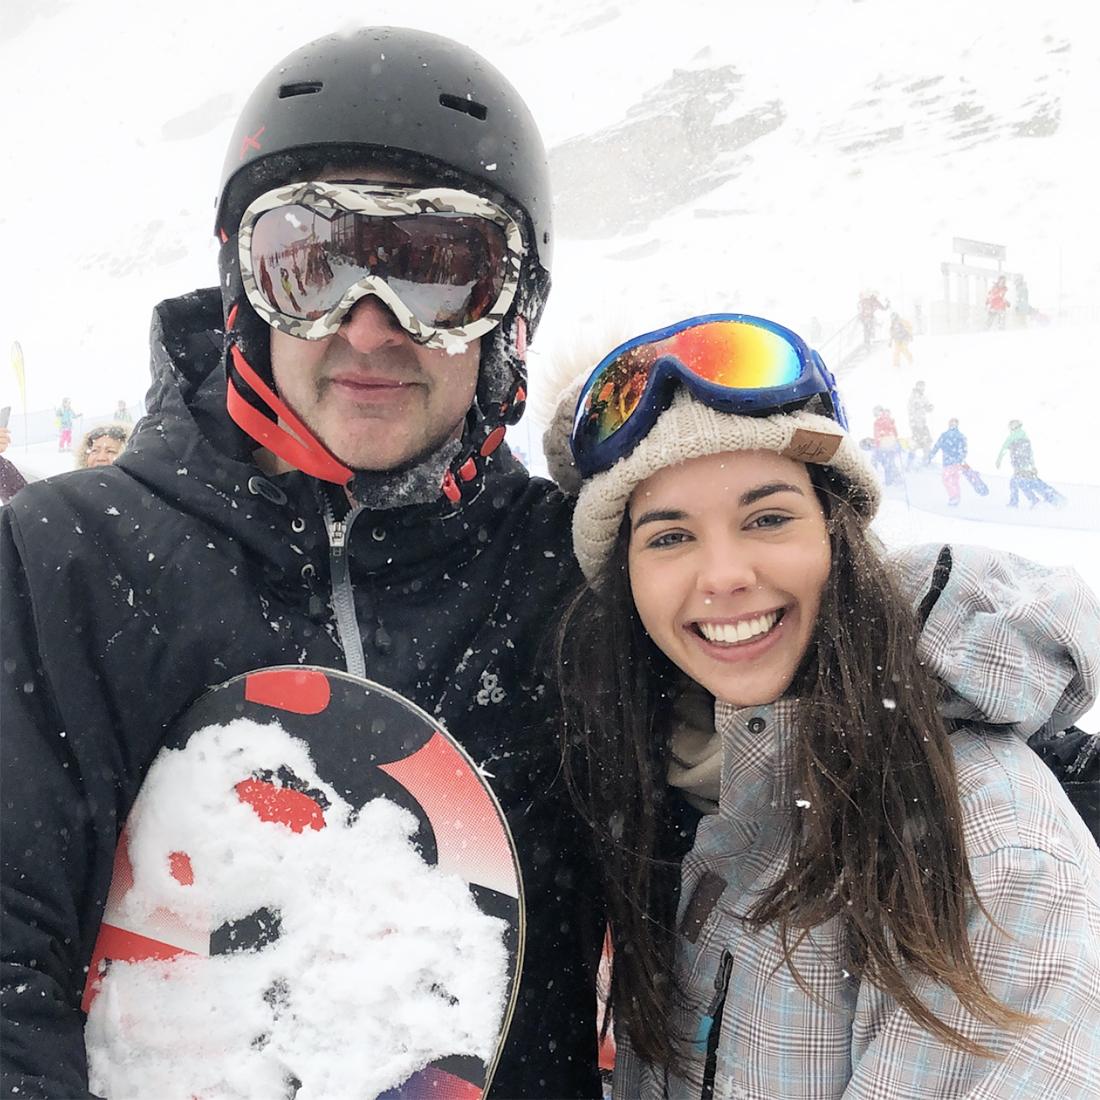 skifield2.JPG